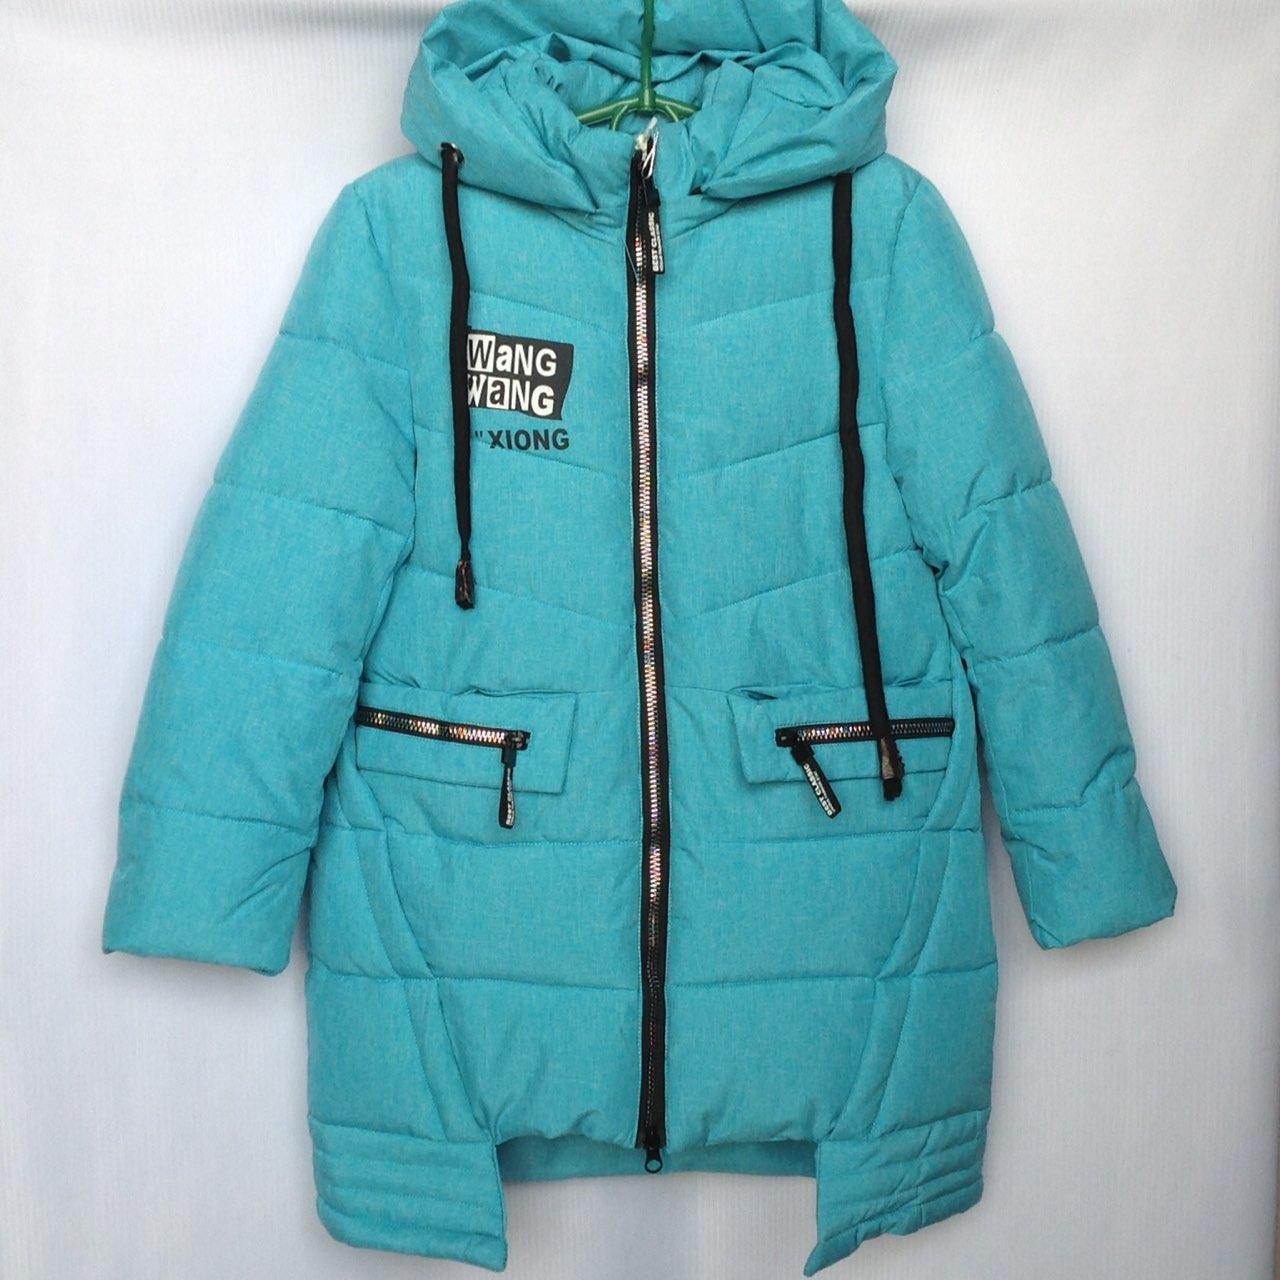 Куртка подростковая зимняя КУЗЯ #66-343 для девочек. 128-152 см (8-12 лет). Бирюзовая. Оптом.